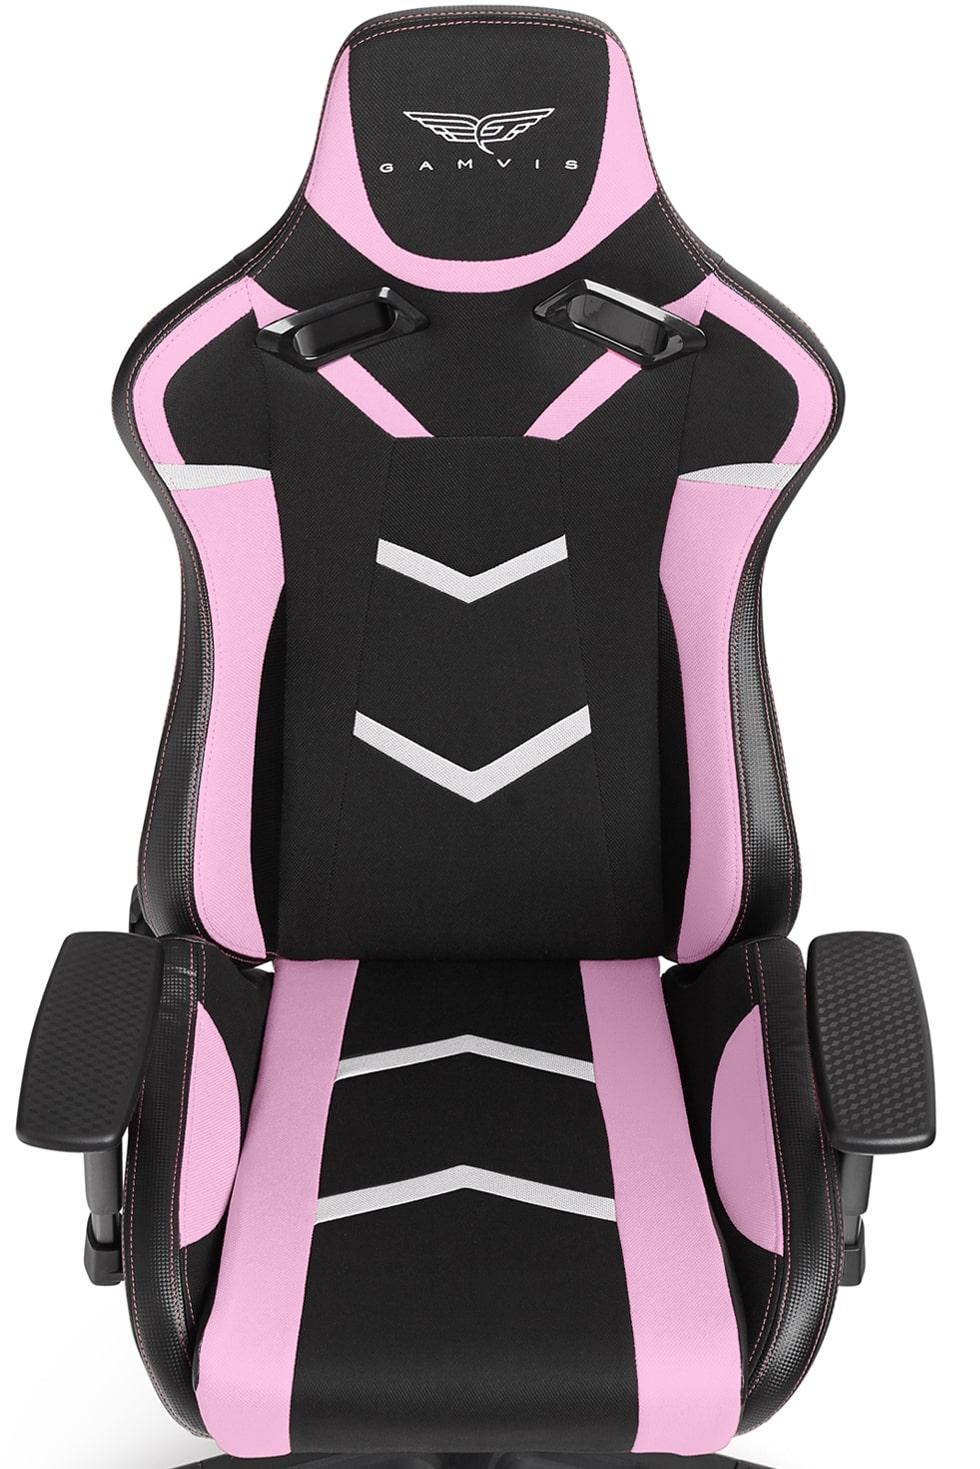 Materiałowy Fotel gamingowy Gamvis Furioso Różowy Damski